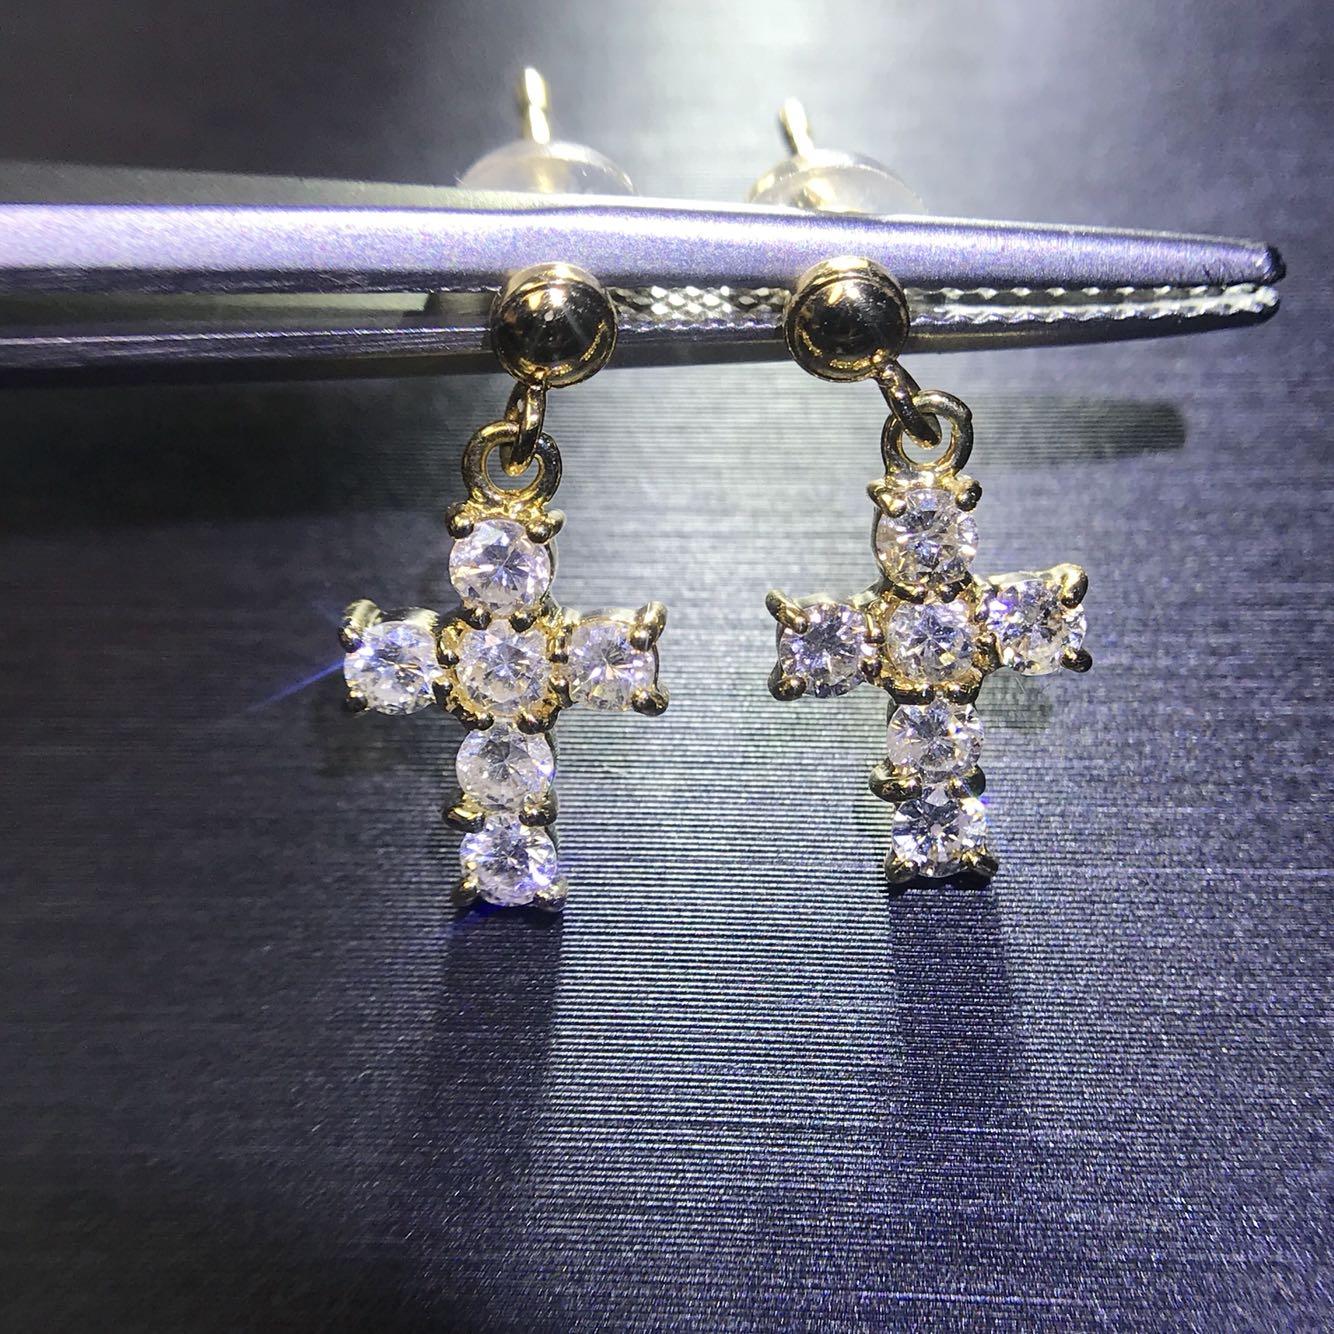 特别精致可爱的钻石十字架耳钉耳环~清新精美百搭,钻石白又闪